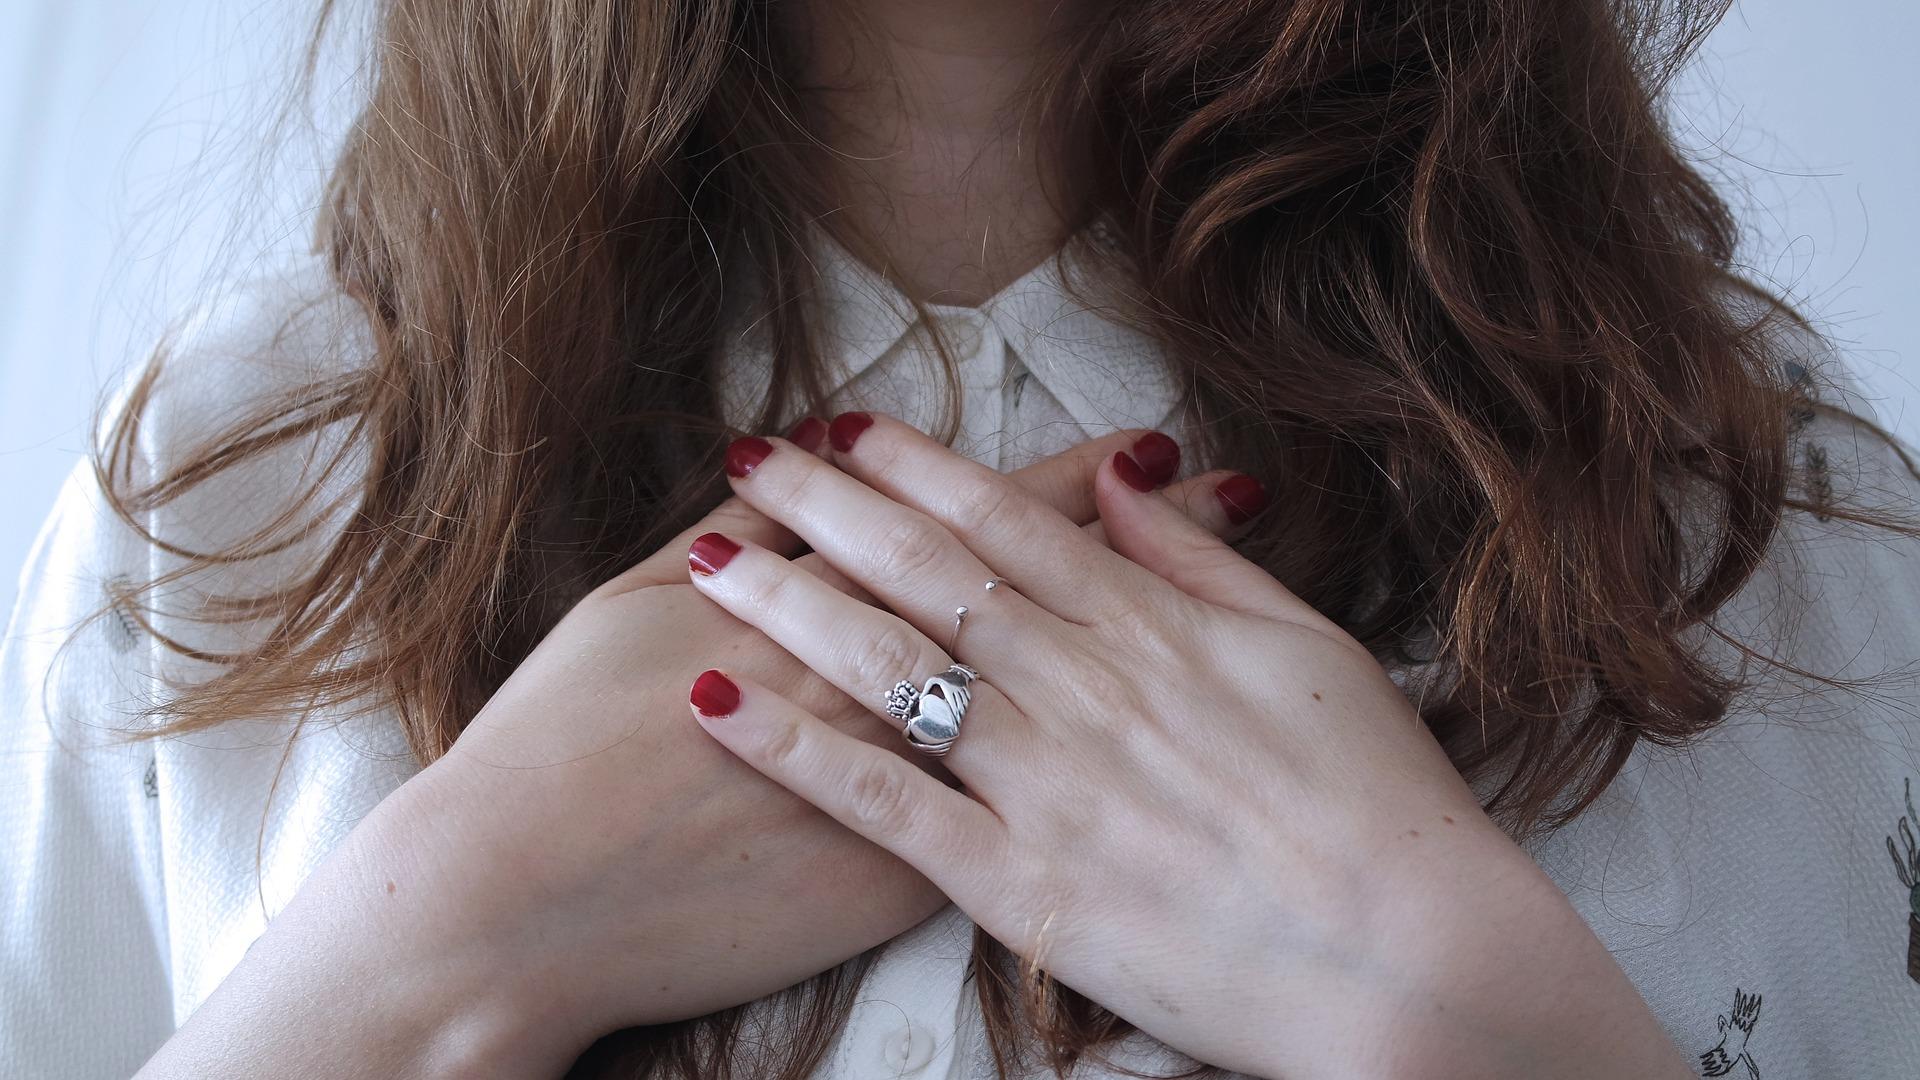 ¿Cuál es el significado de los anillos en los dedos?